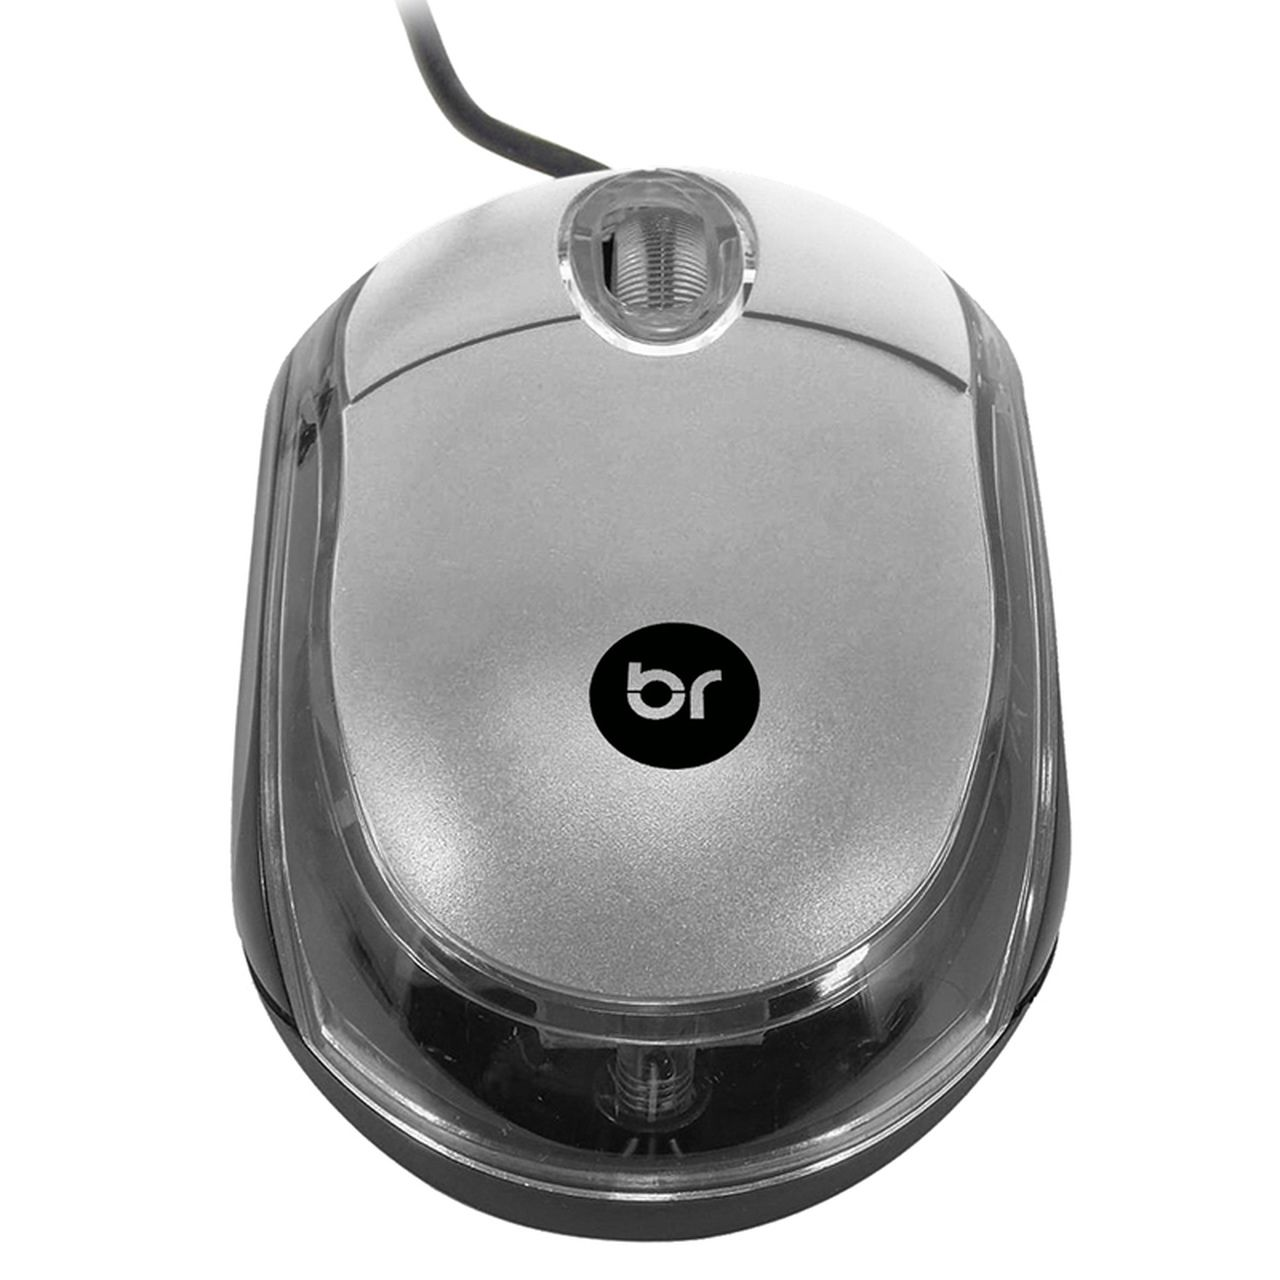 Mouse Usb Óptico com Fio Prata e Preto 800 Dpi 107 Bright  - BRIGHT